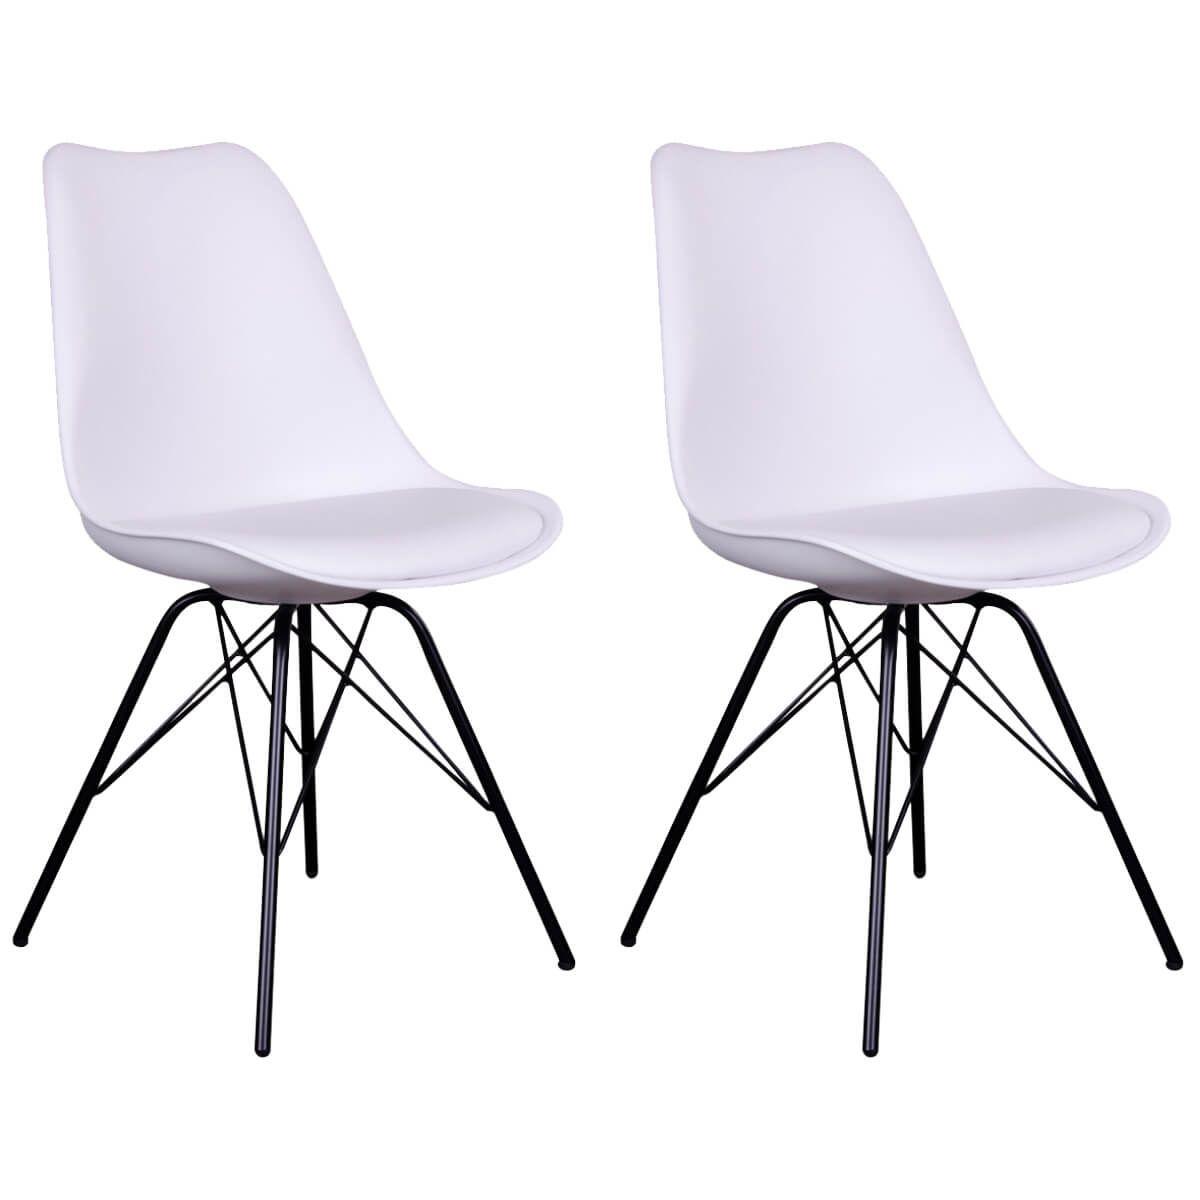 Lot de 2 chaises blanches avec piétement métallique